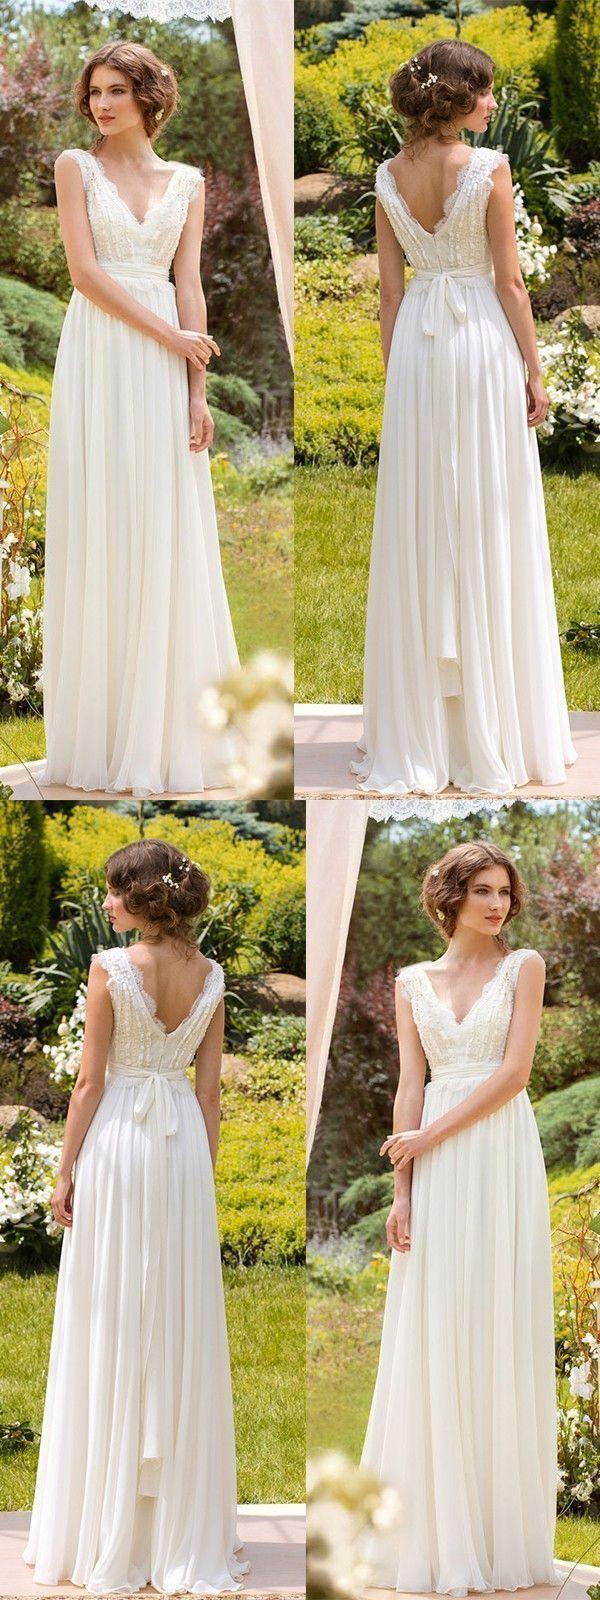 Brautkleider einfach, Spitze Brautkleider, Vintage Brautkleider, Brautkleider …..